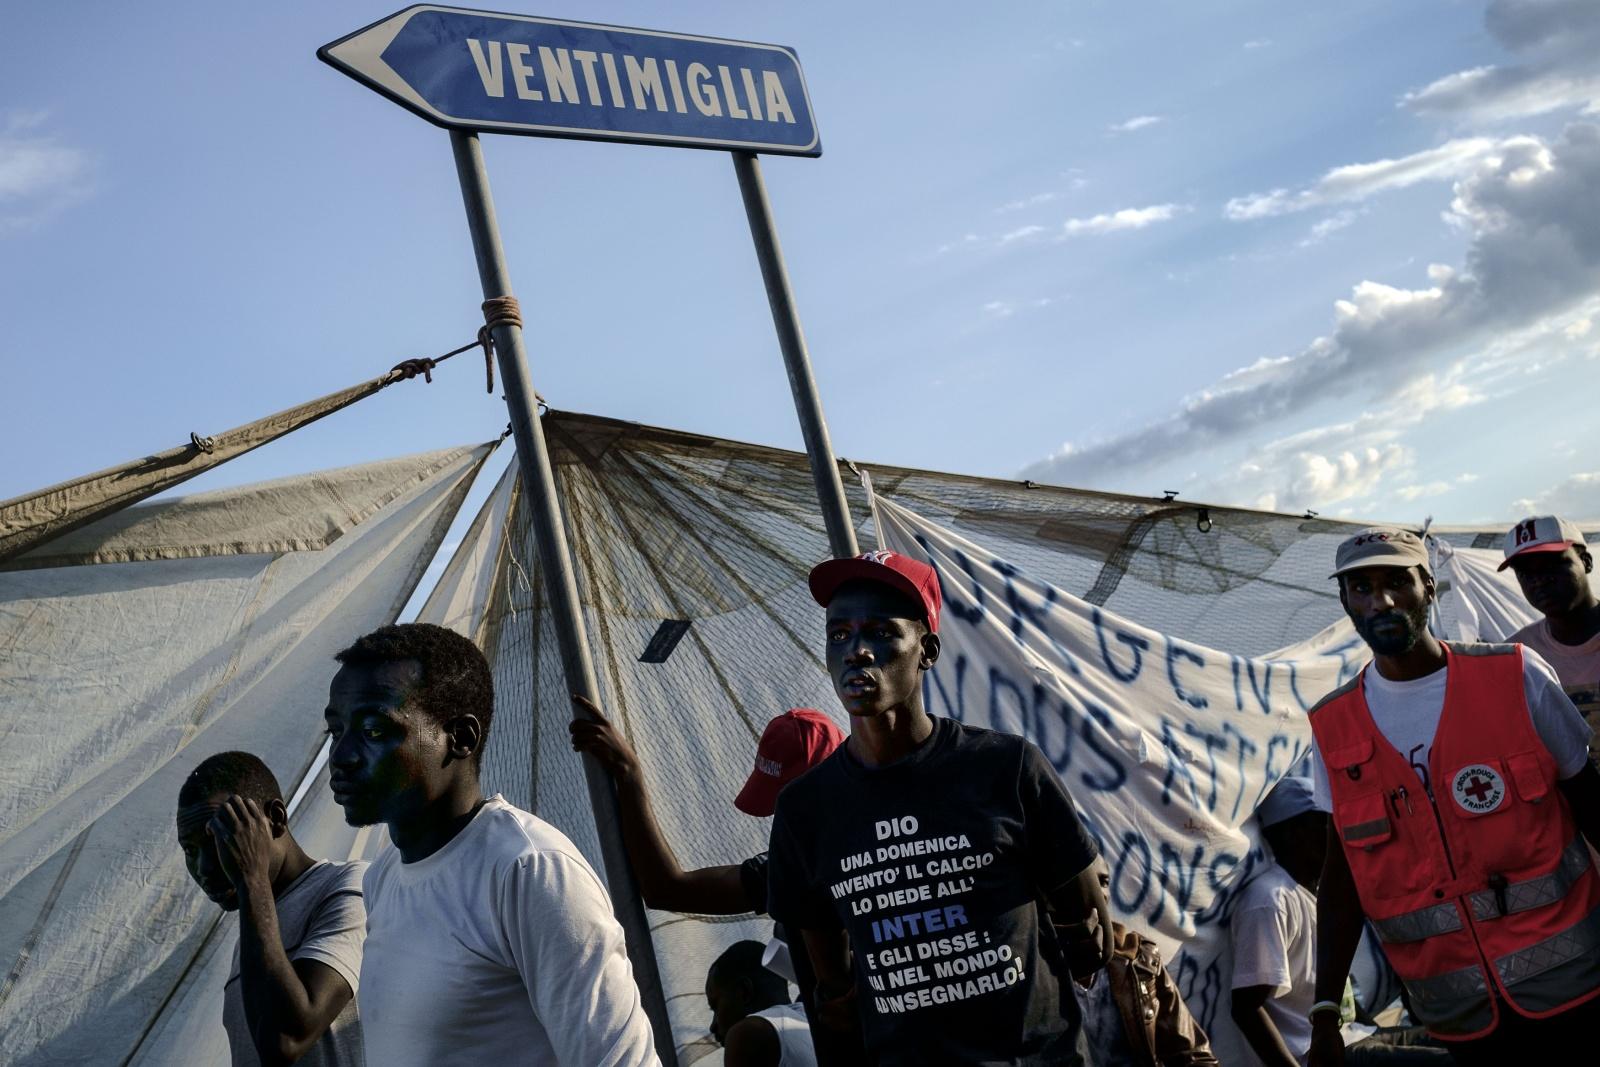 Ventimiglia, confine con la Francia  - Immigrati bloccati e respinti dalle autorità francesi sugli scogli dei Balzi Rossi